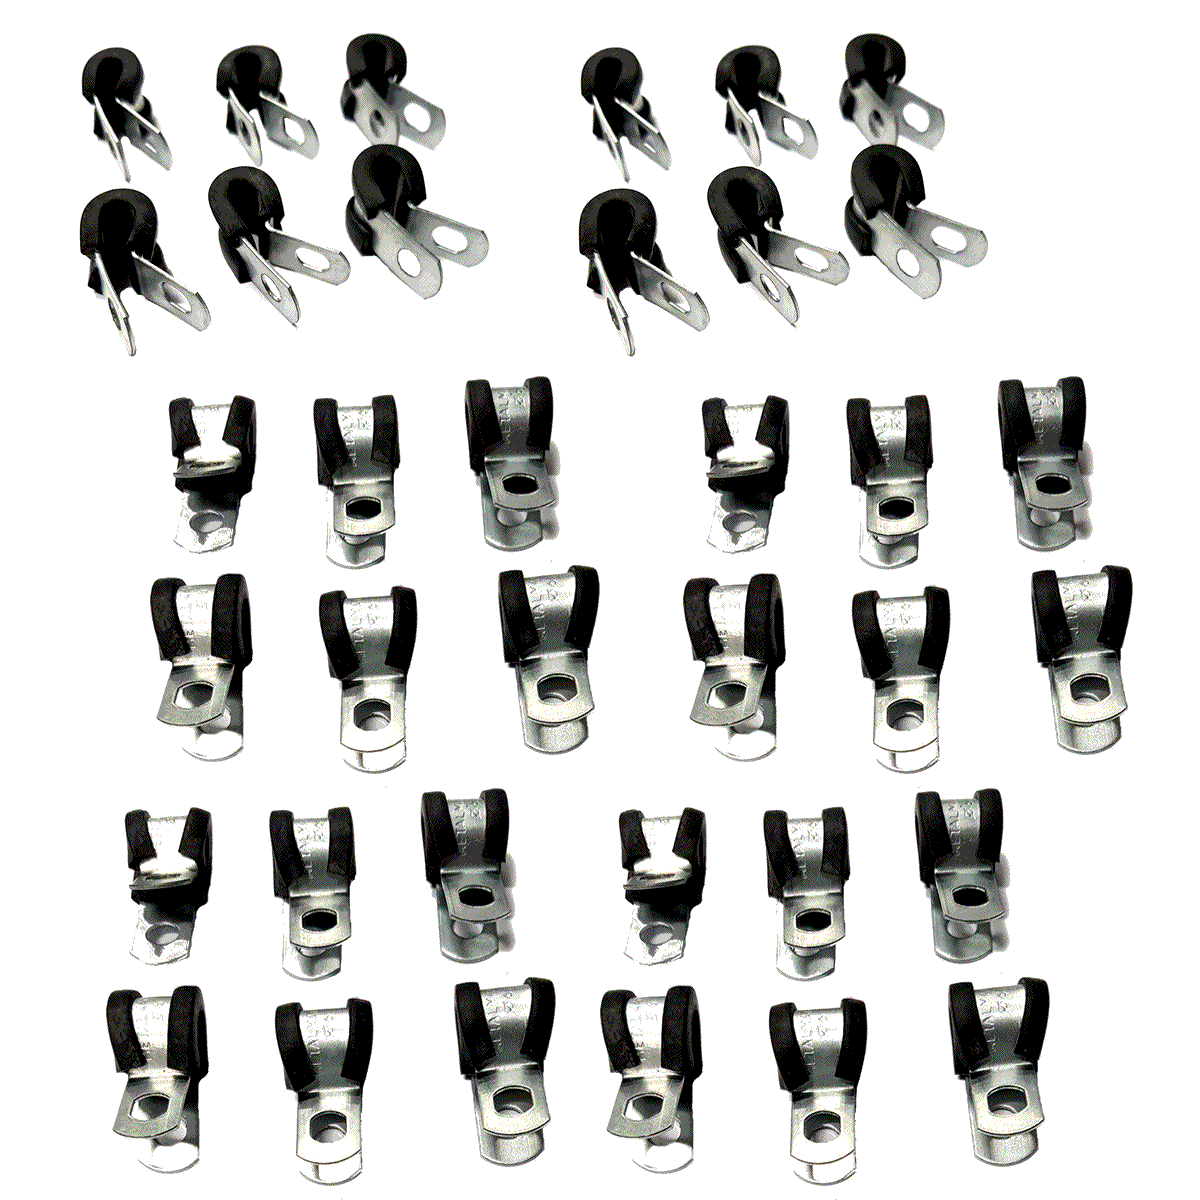 78 Abraçadeiras Metálicas com Borracha para Tubo de Alta